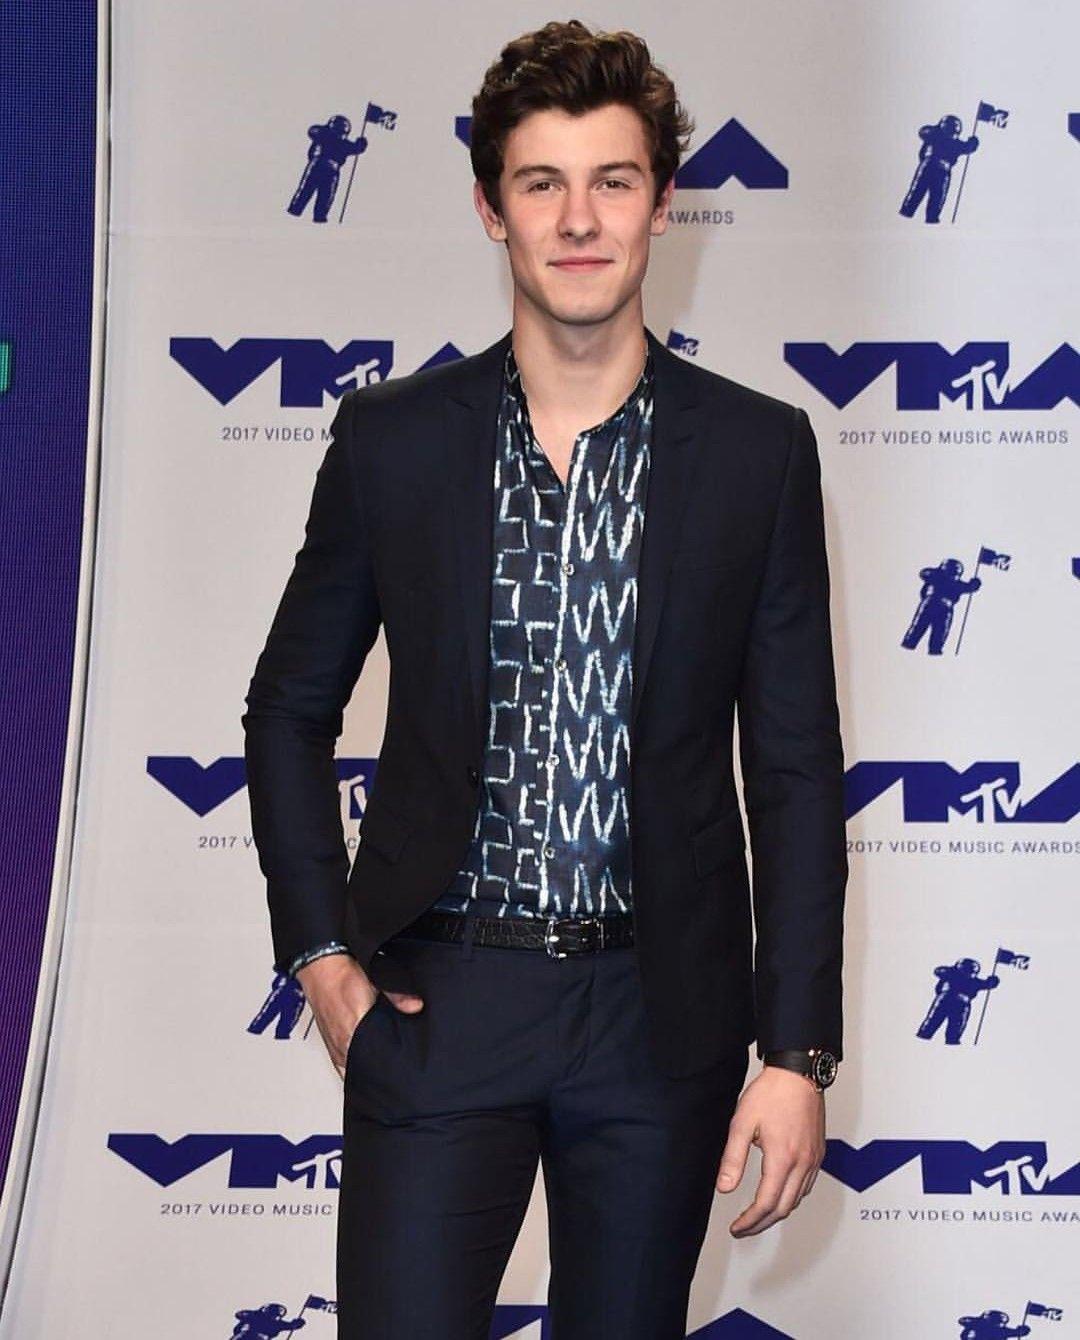 Shawn at MTV VMAs ❤❤ 27/08/17